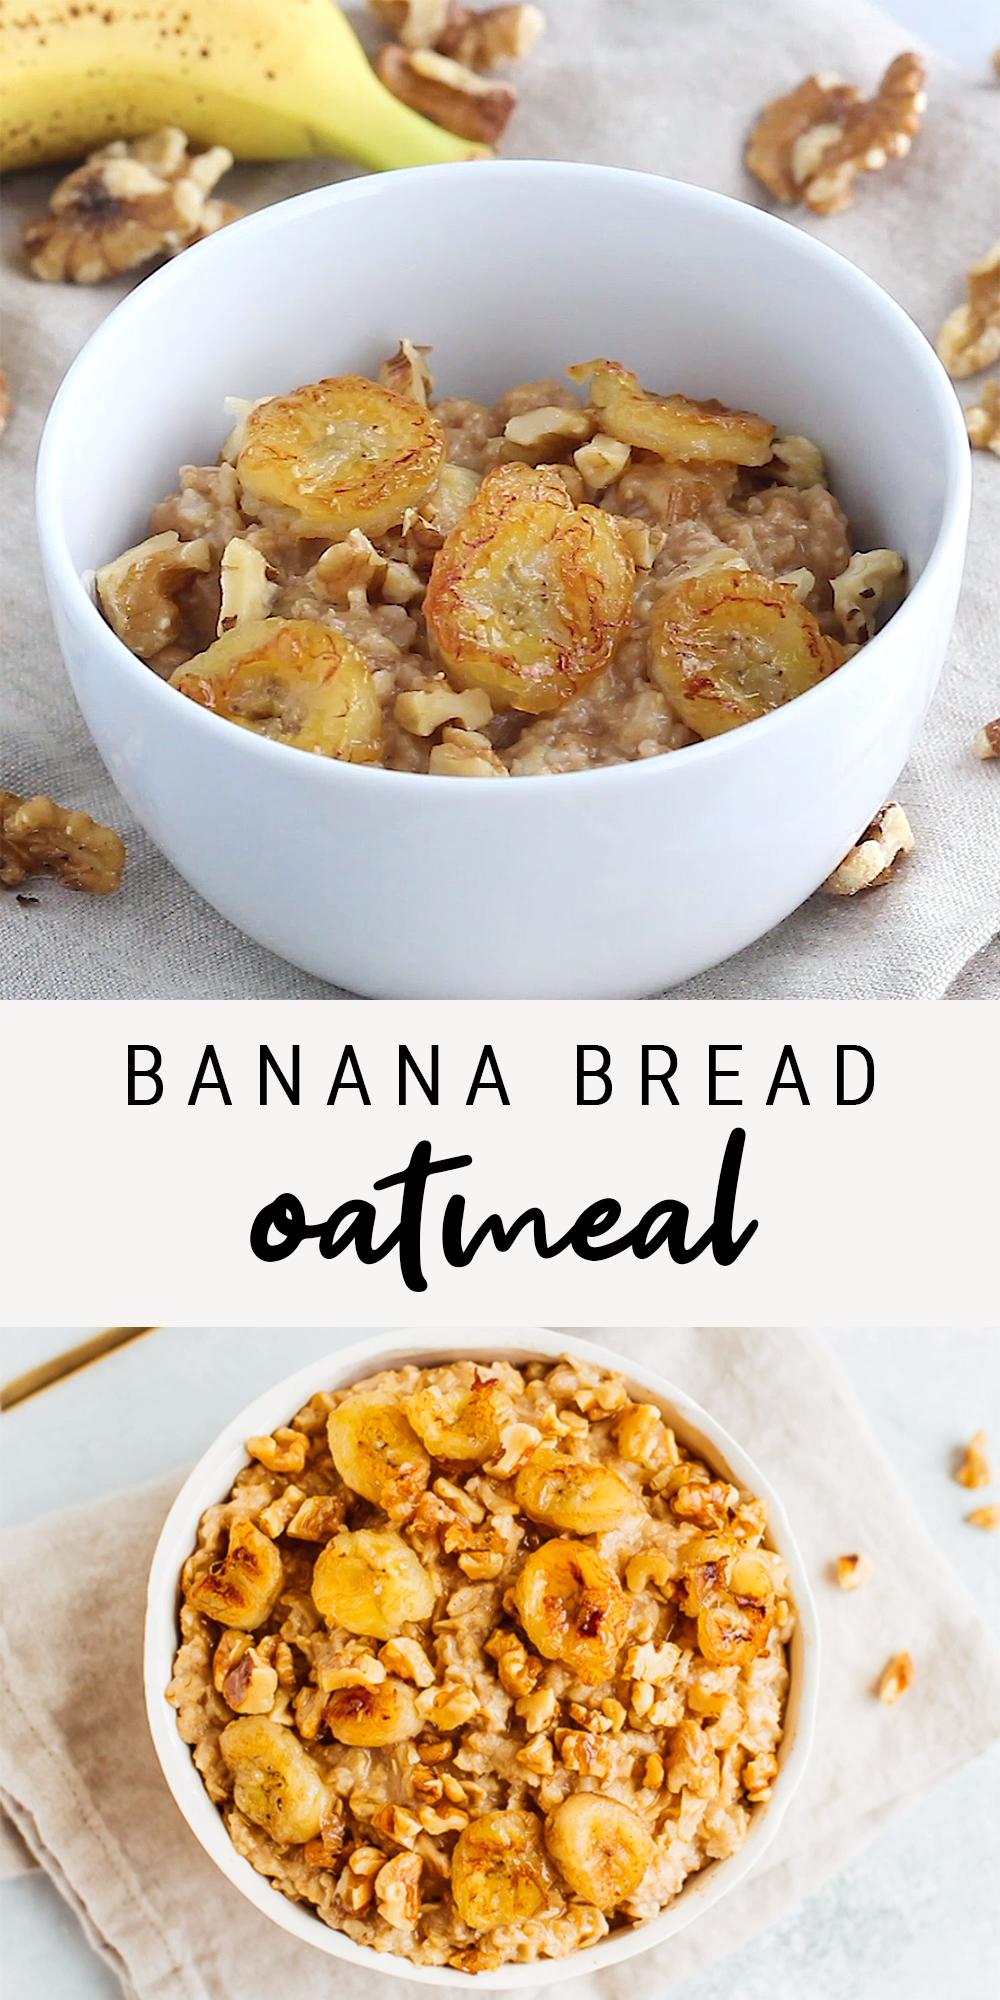 Healthy Banana Bread Oatmeal with Caramelized Bananas | Easy Vegan Recipe